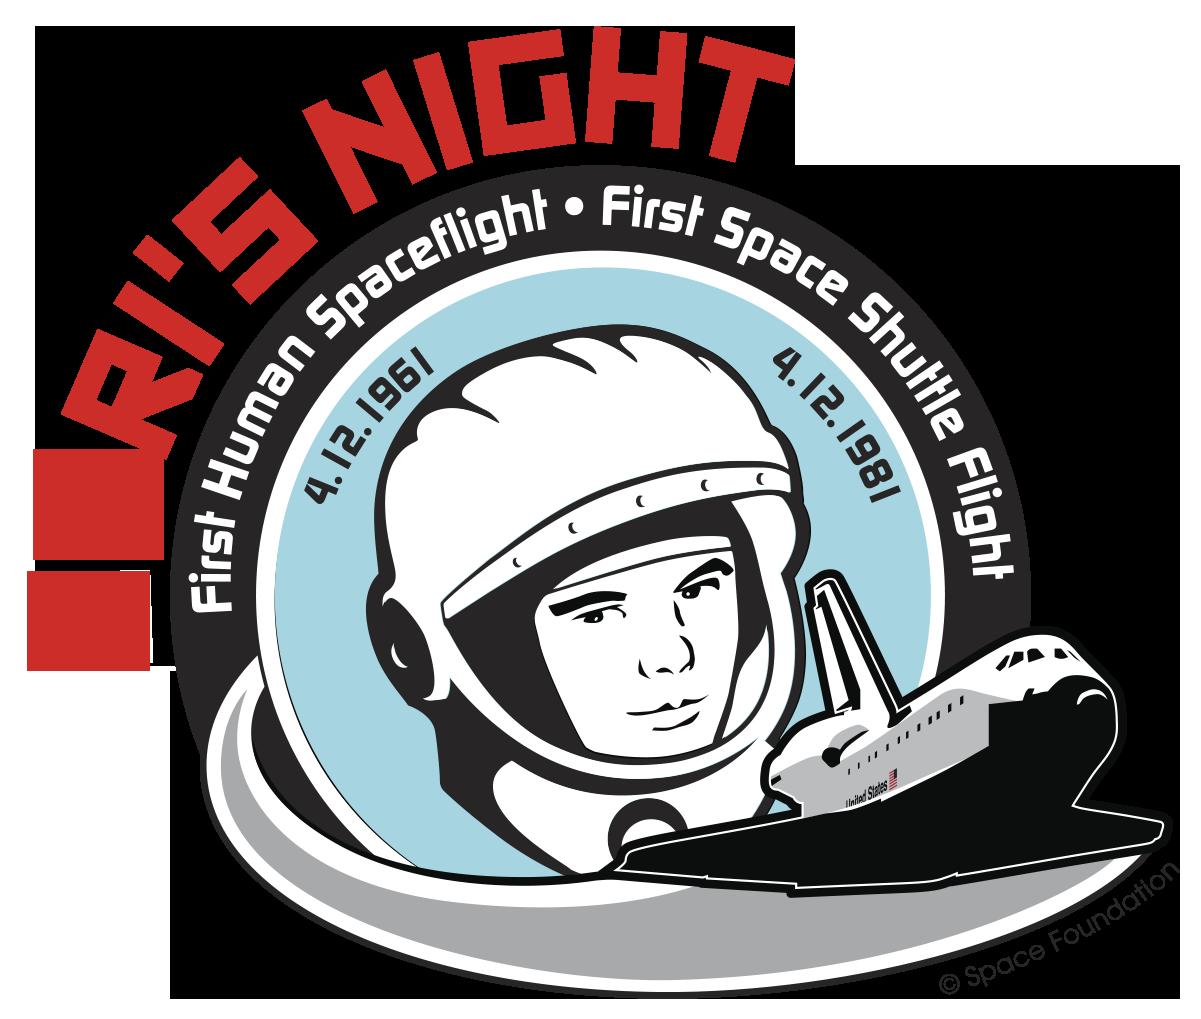 updated Yuri's Night logo